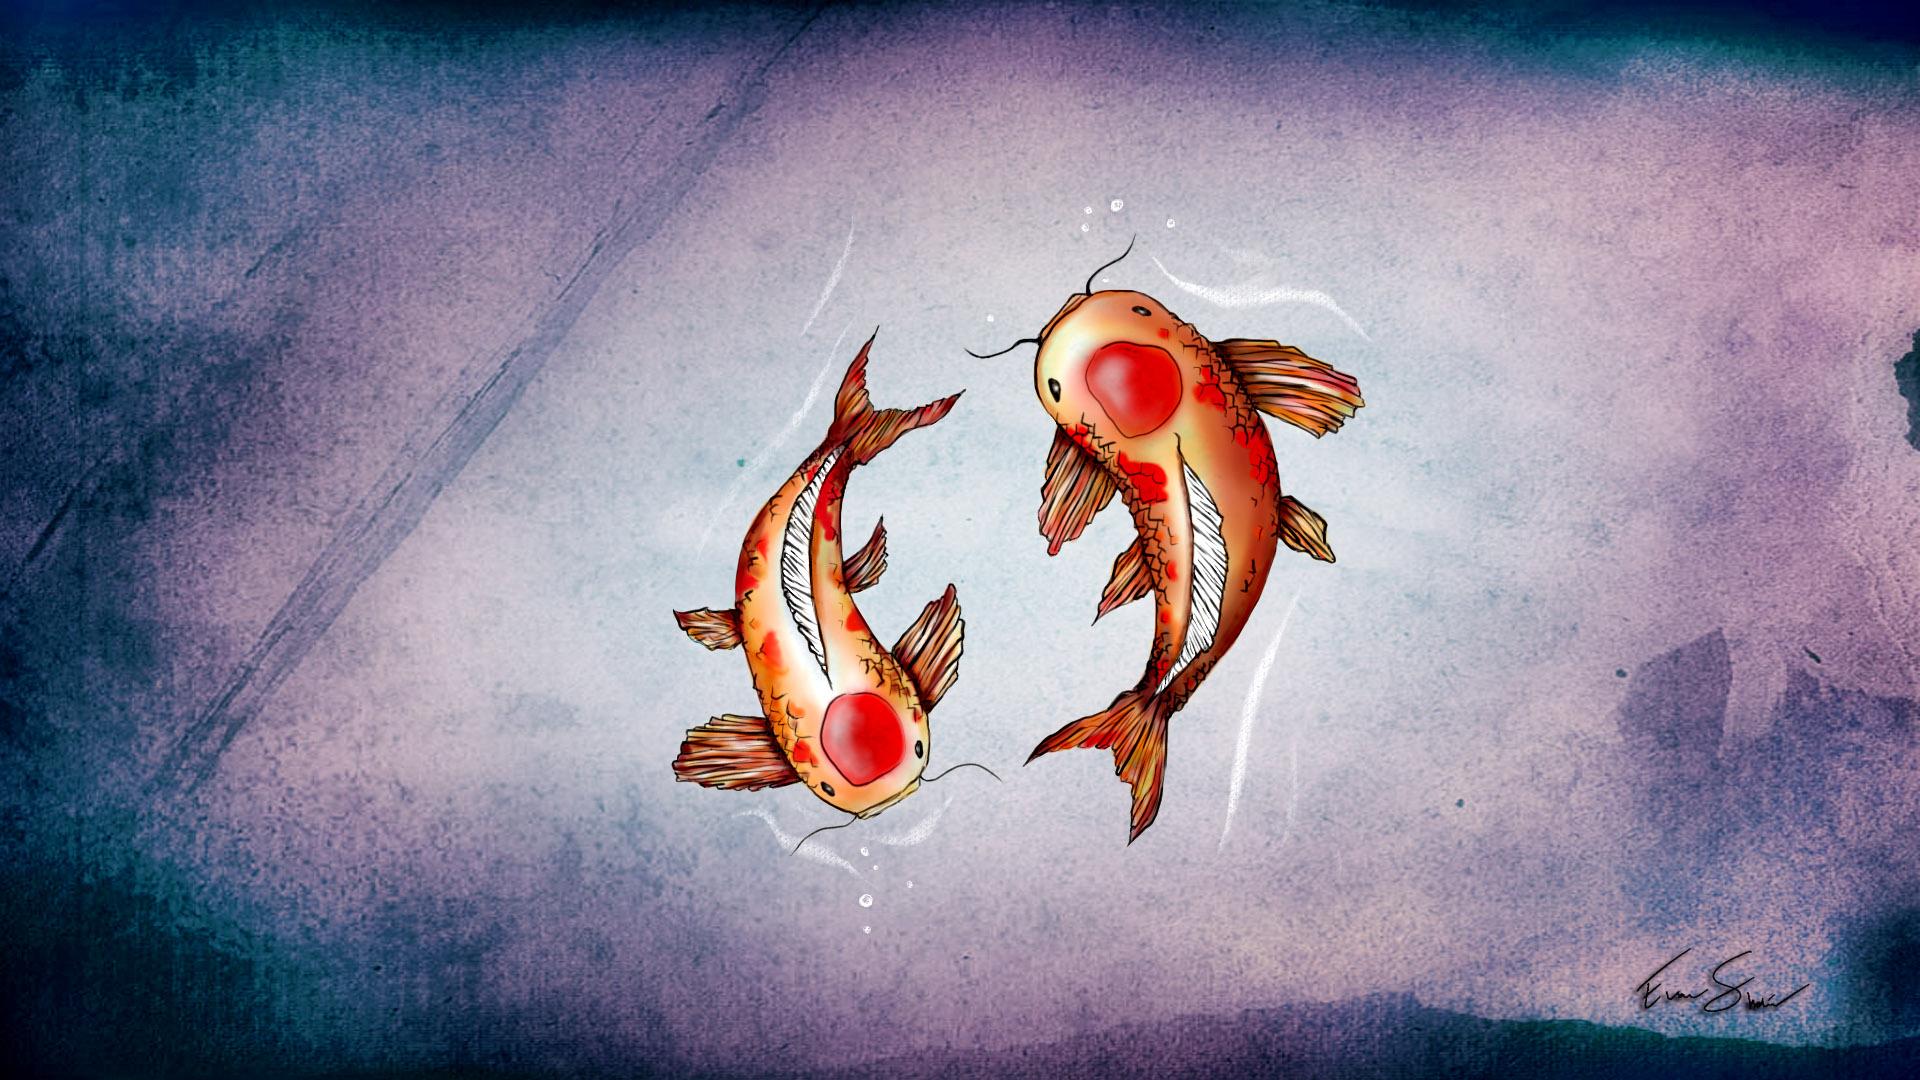 wallpaper koi fish evan 39 s blog